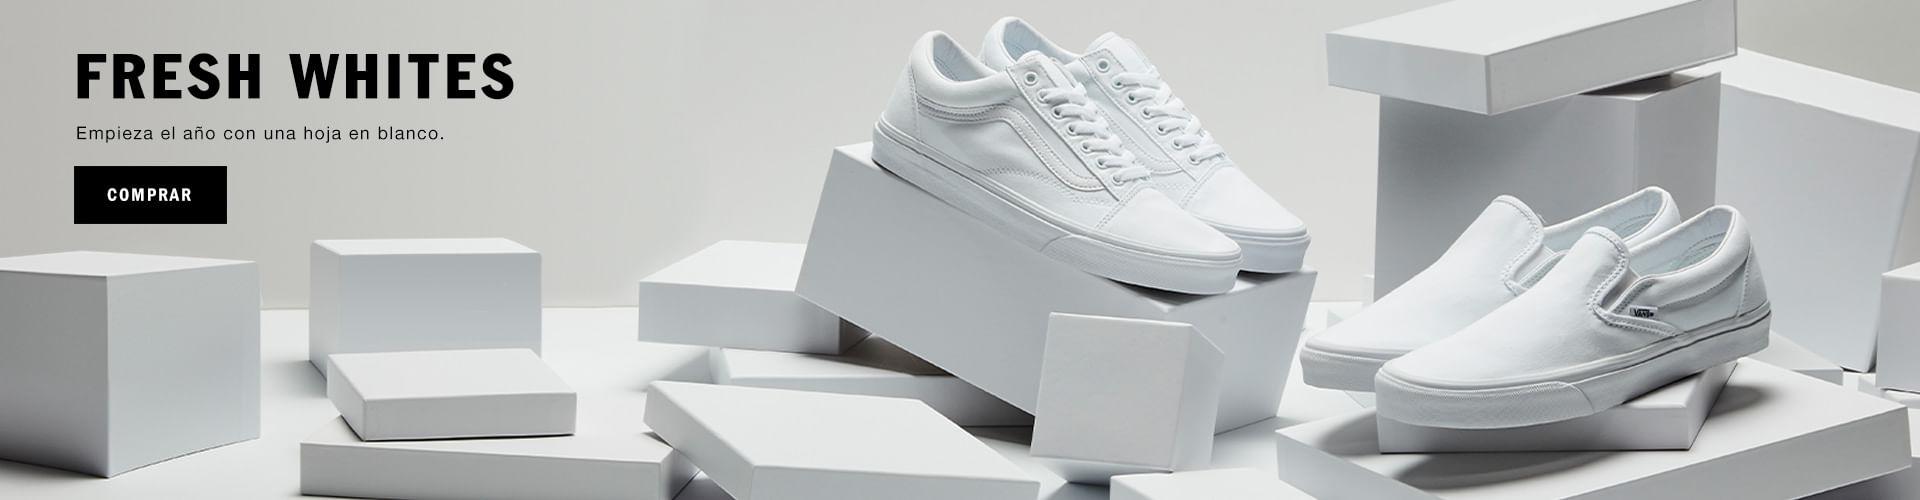 white classics | Vans Chile